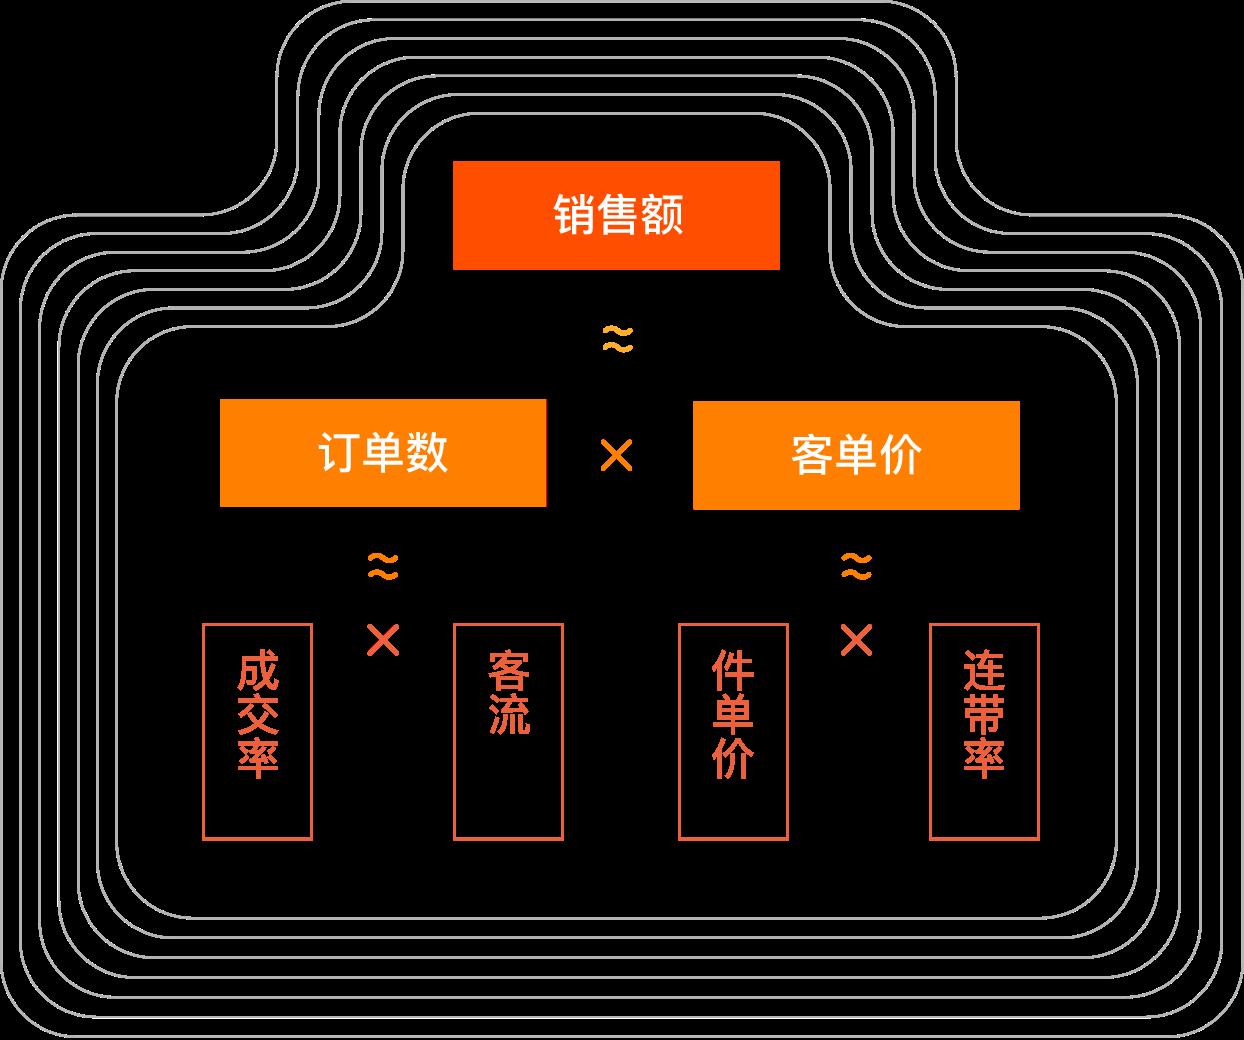 龙8导航平台客流分析系统